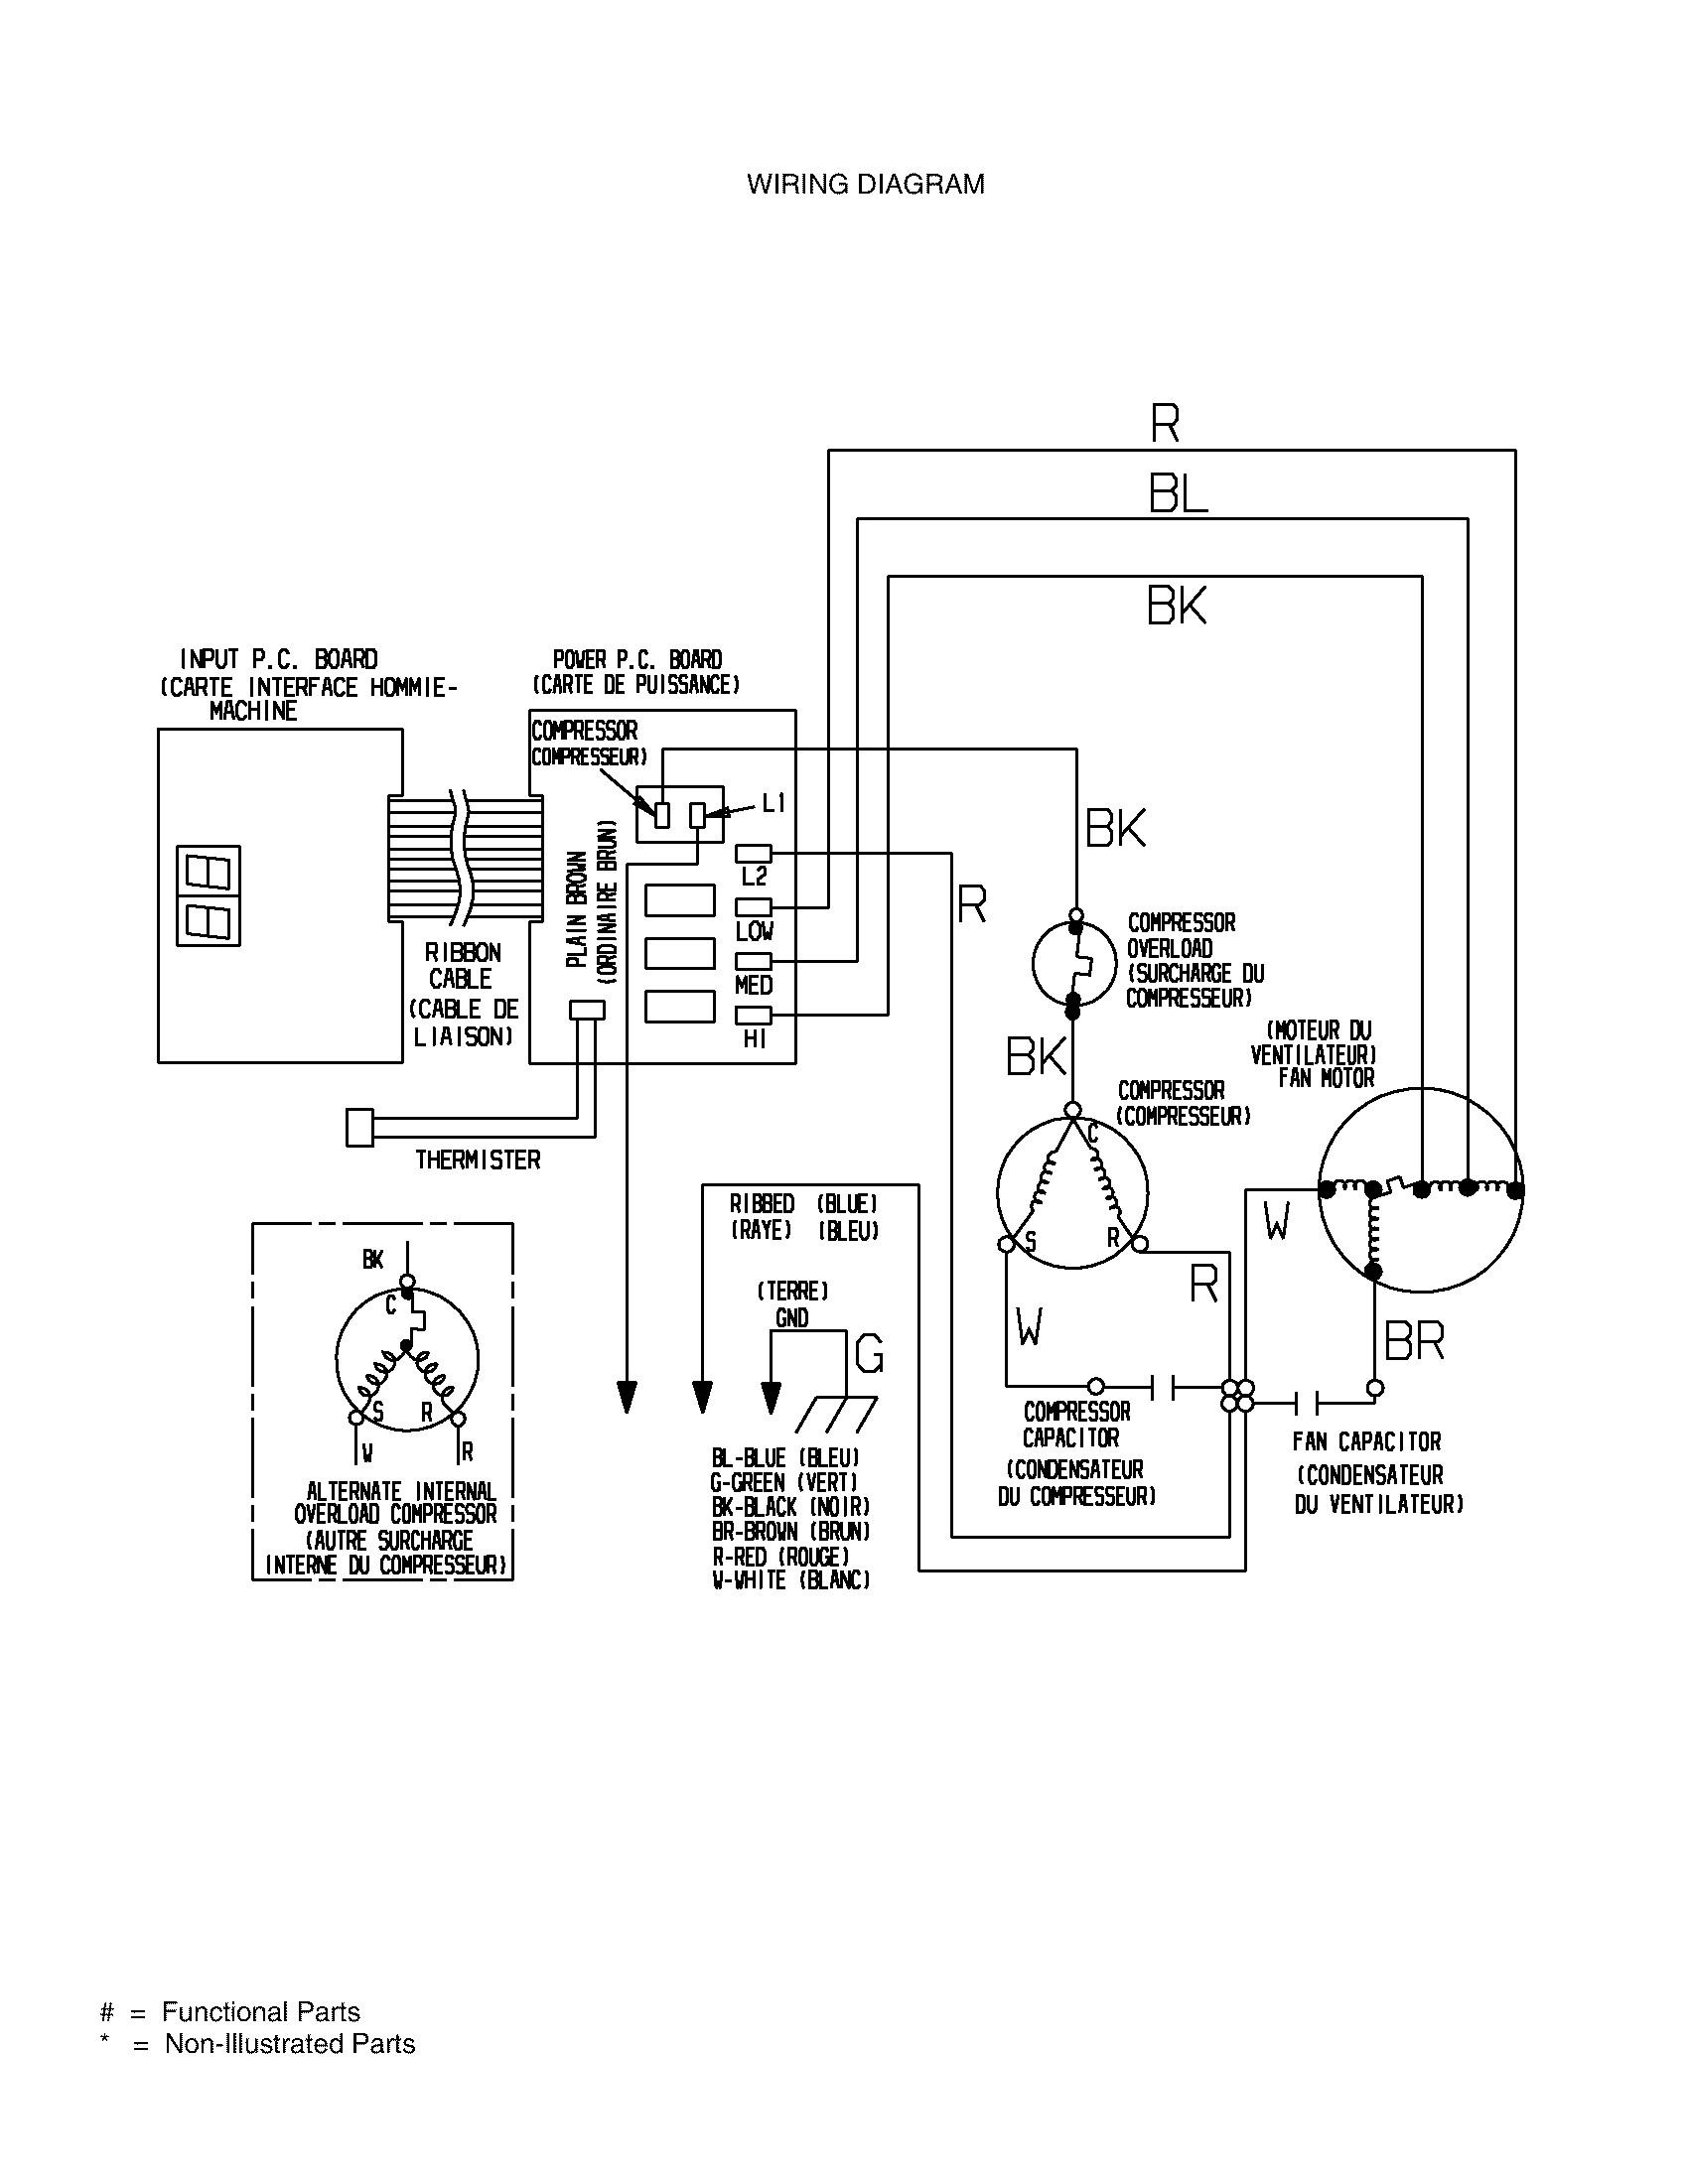 Car Ac Parts Diagram Coleman Rv Air Conditioner Wiring Diagram – Wire Diagram Of Car Ac Parts Diagram